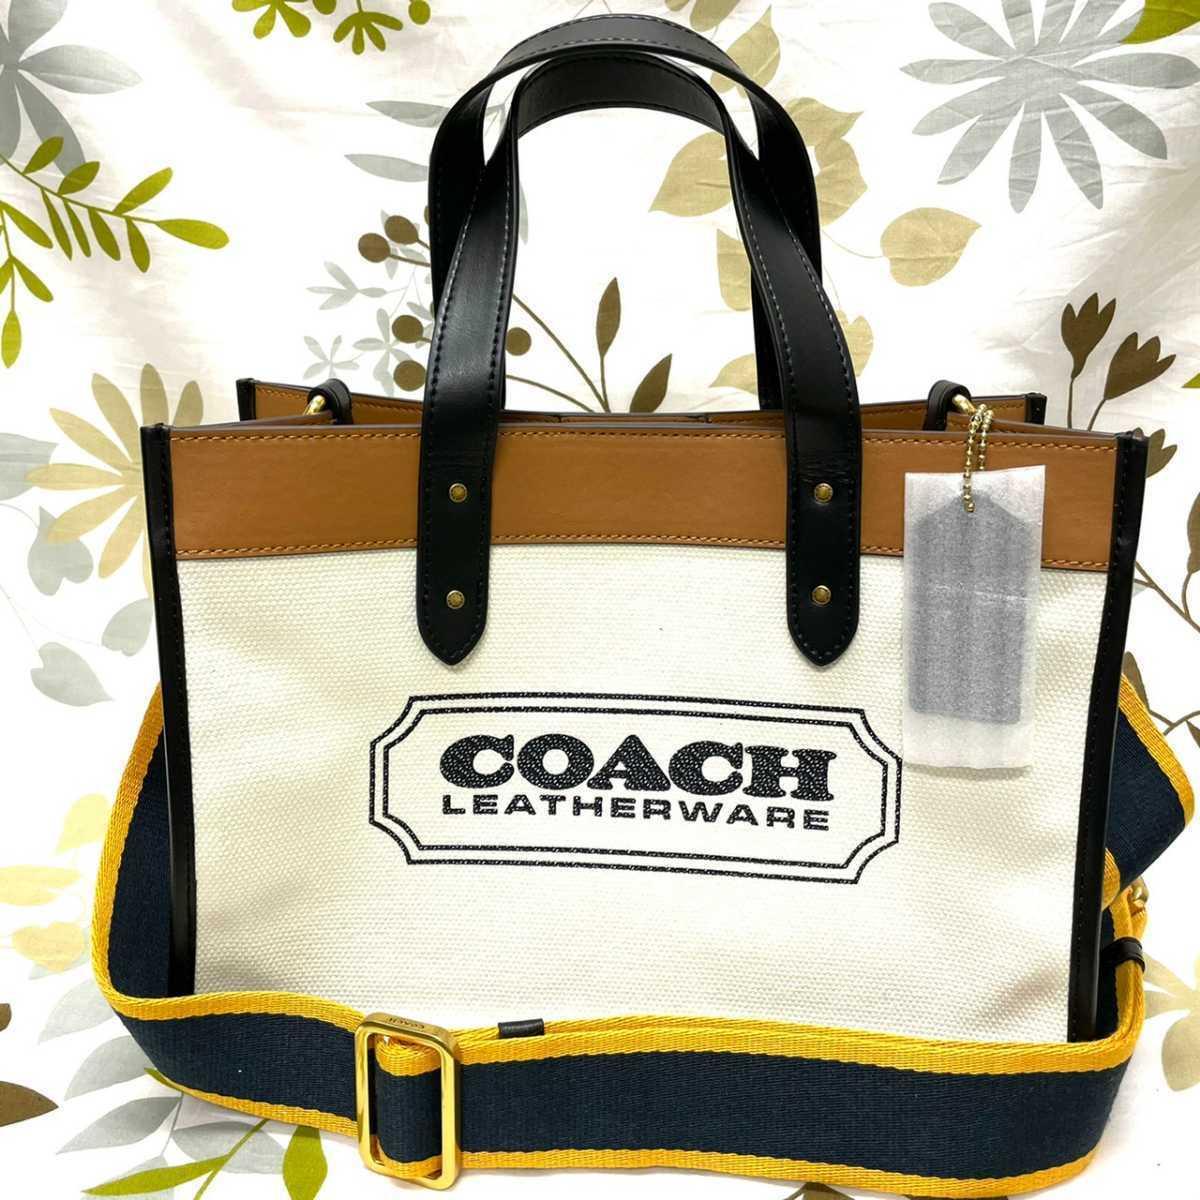 コーチ COACH トートバッグ ホワイト×ブラウン ショルダーバッグ 2way 大容量 レディースバッグ レディース